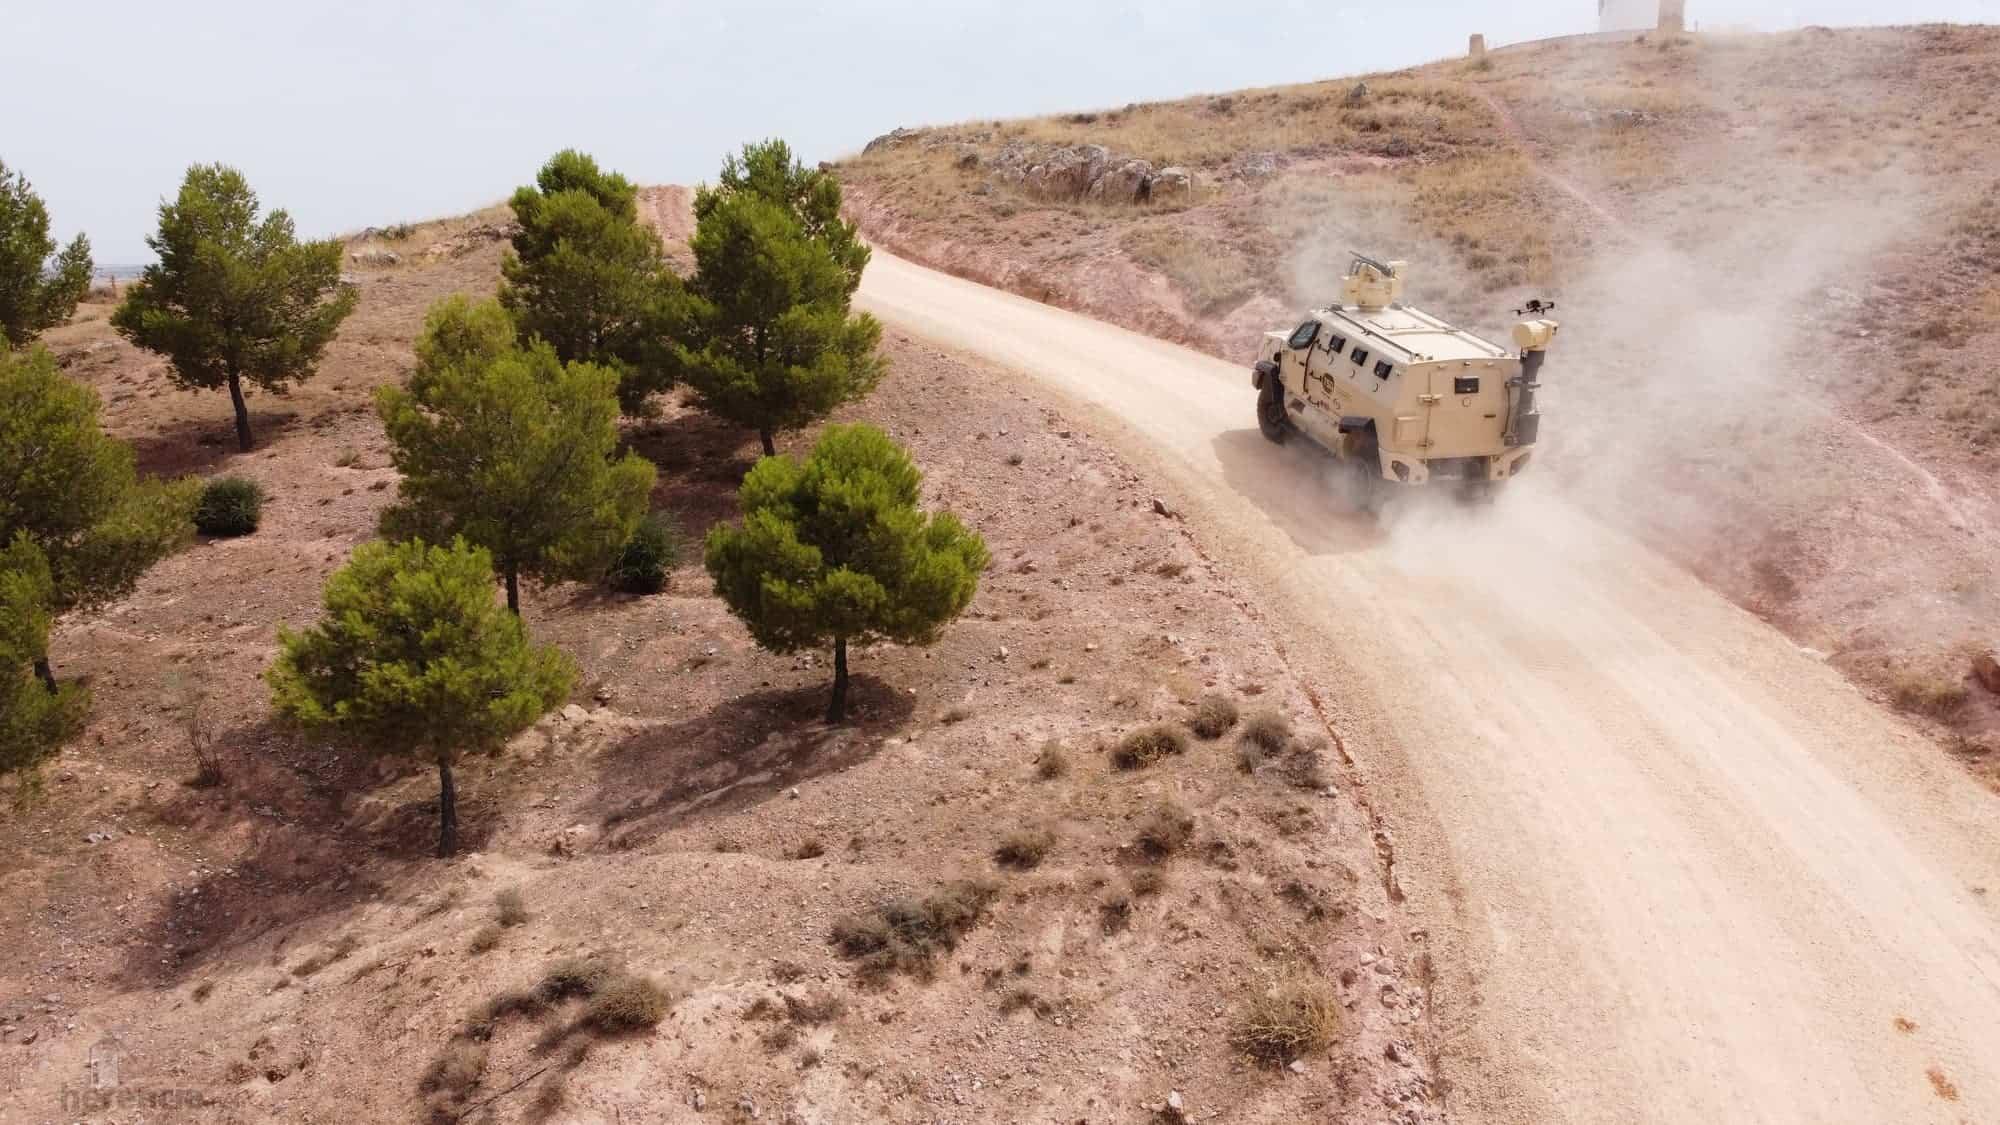 TSD presenta IBERO, un vehículo táctico multipropósito, con adaptabilidad y versatilidad 33